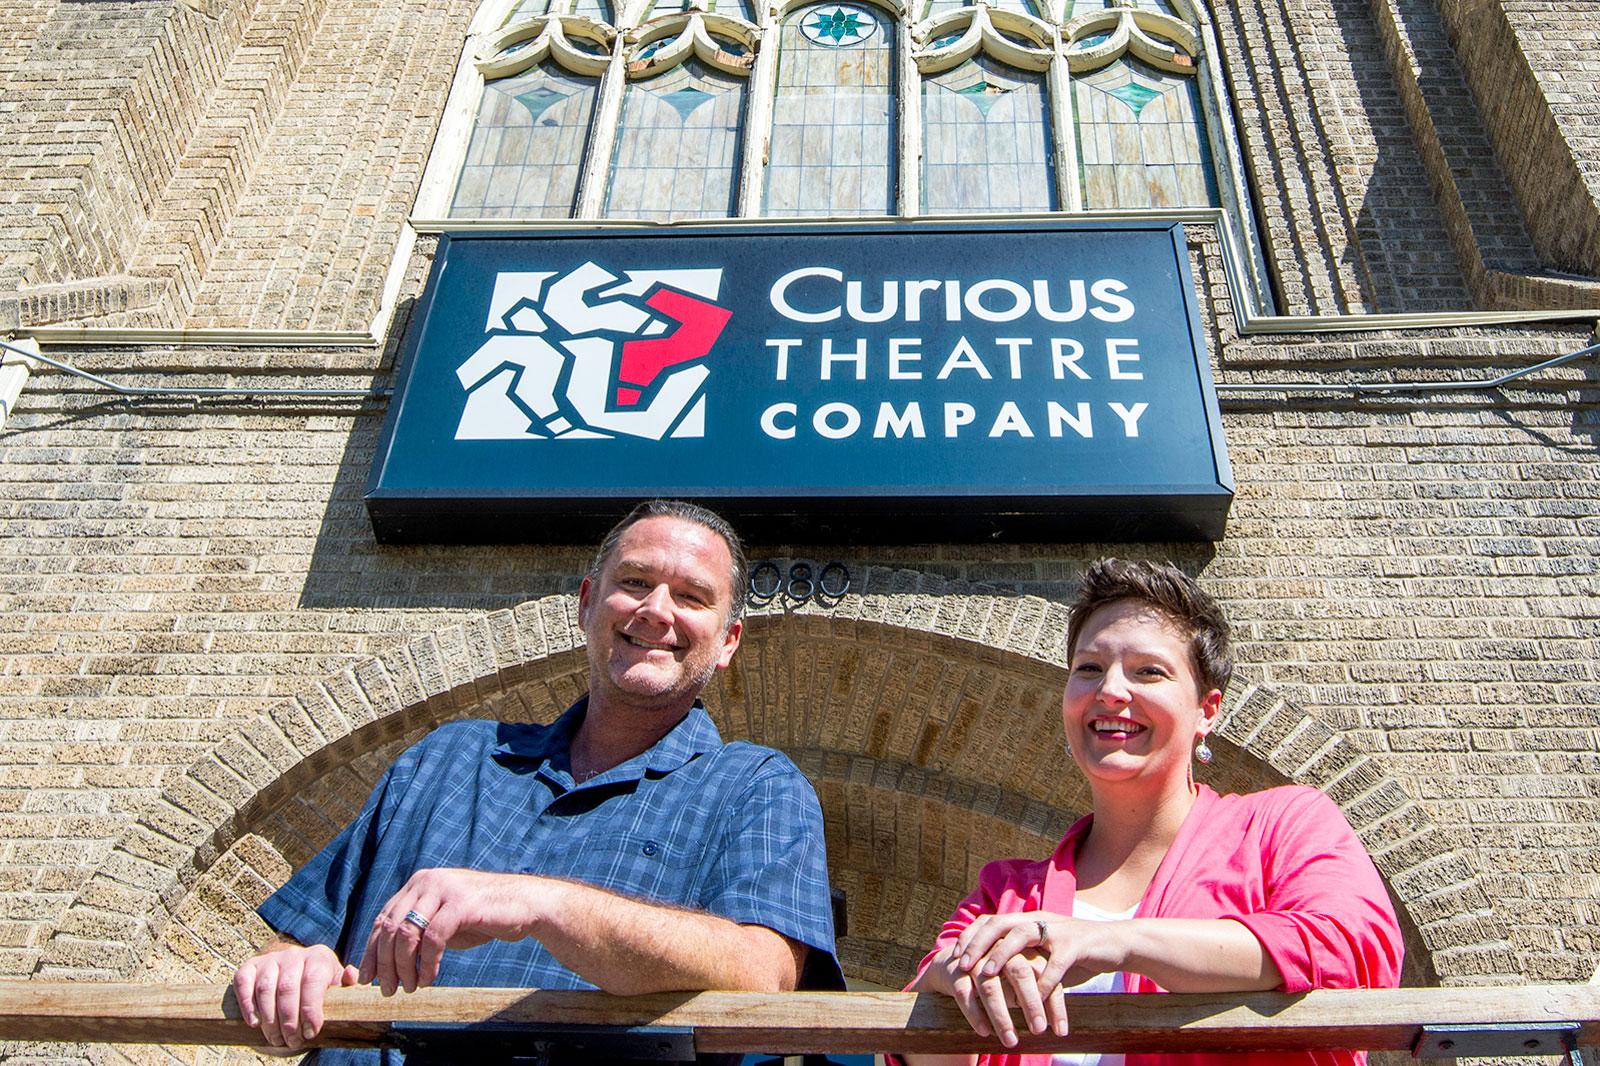 Photo: Curious Theatre 20 1 | Exterior - CJones